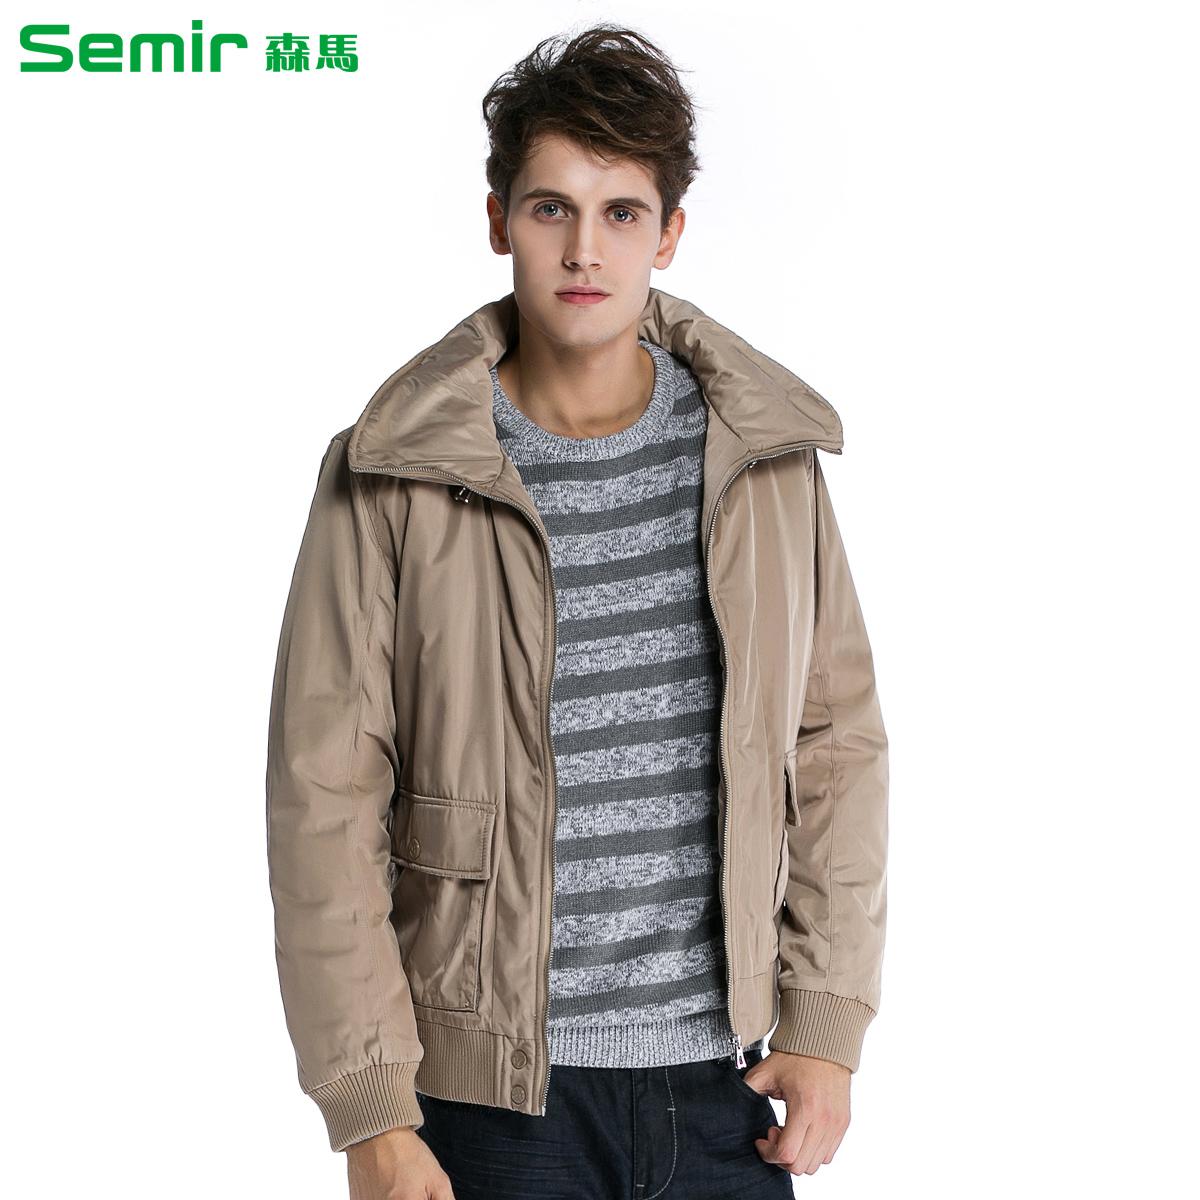 森马男装 2013冬装新款男式棉衣时尚纯色立领夹克式棉服 男 外套图片